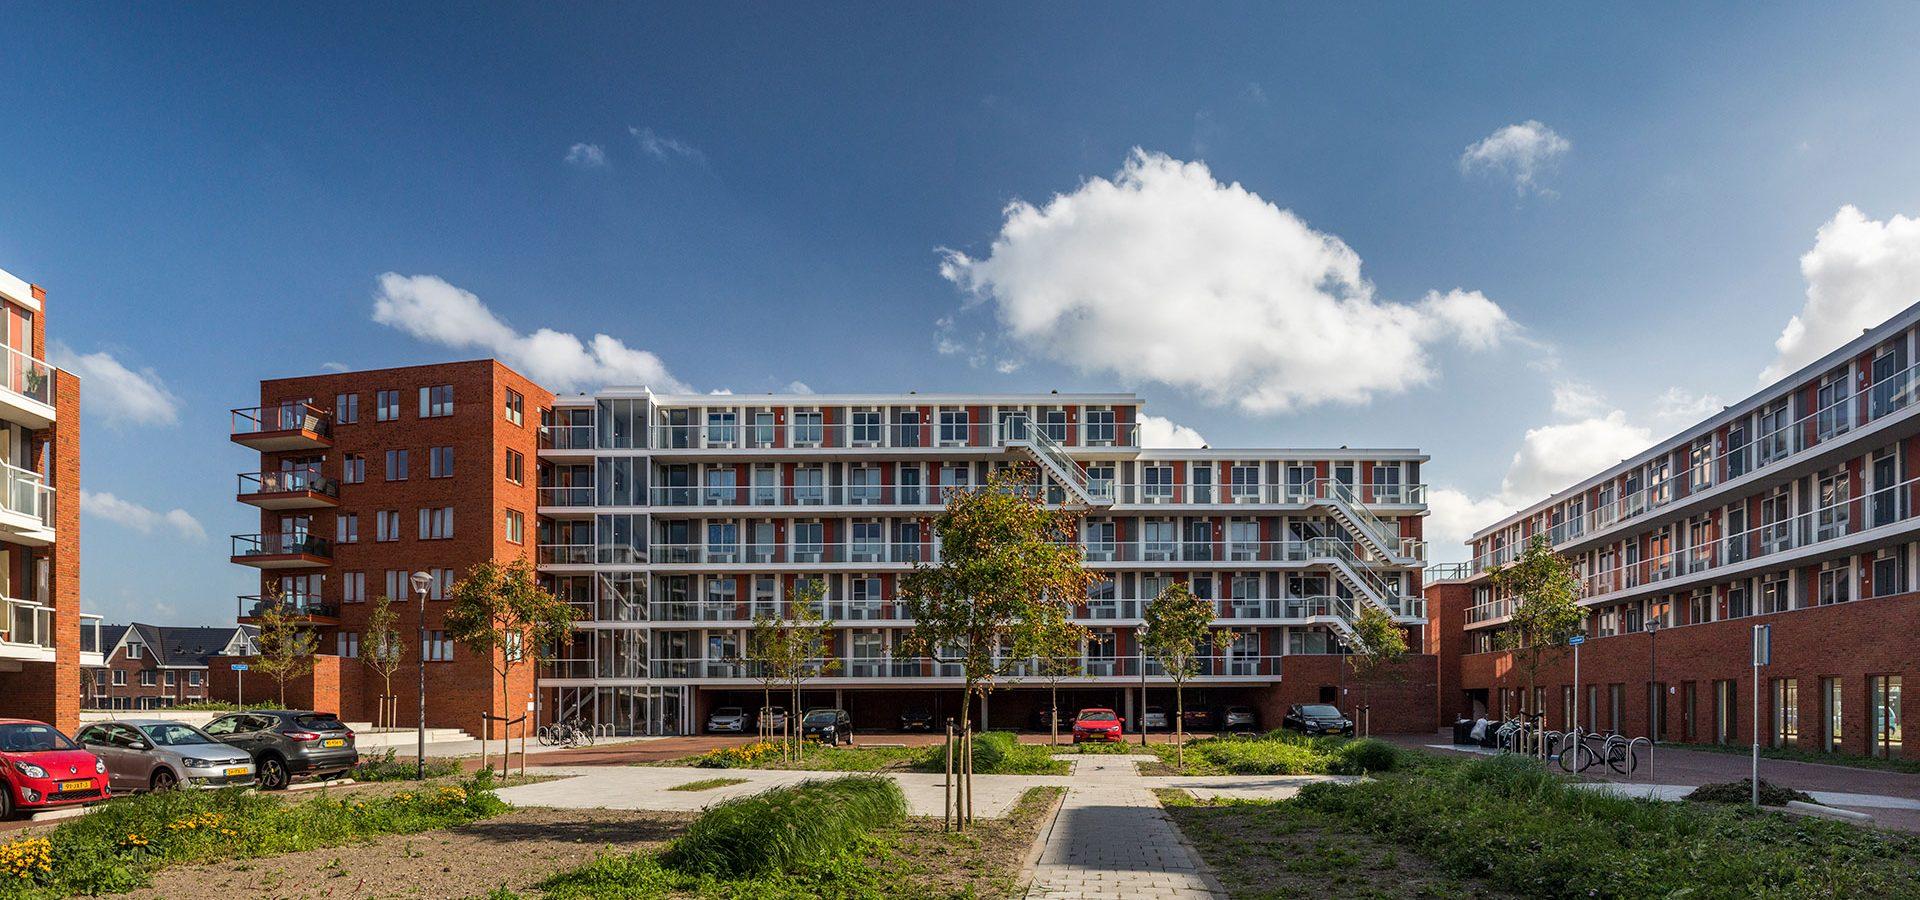 FARO architecten Hooghkamer Voorhout 05